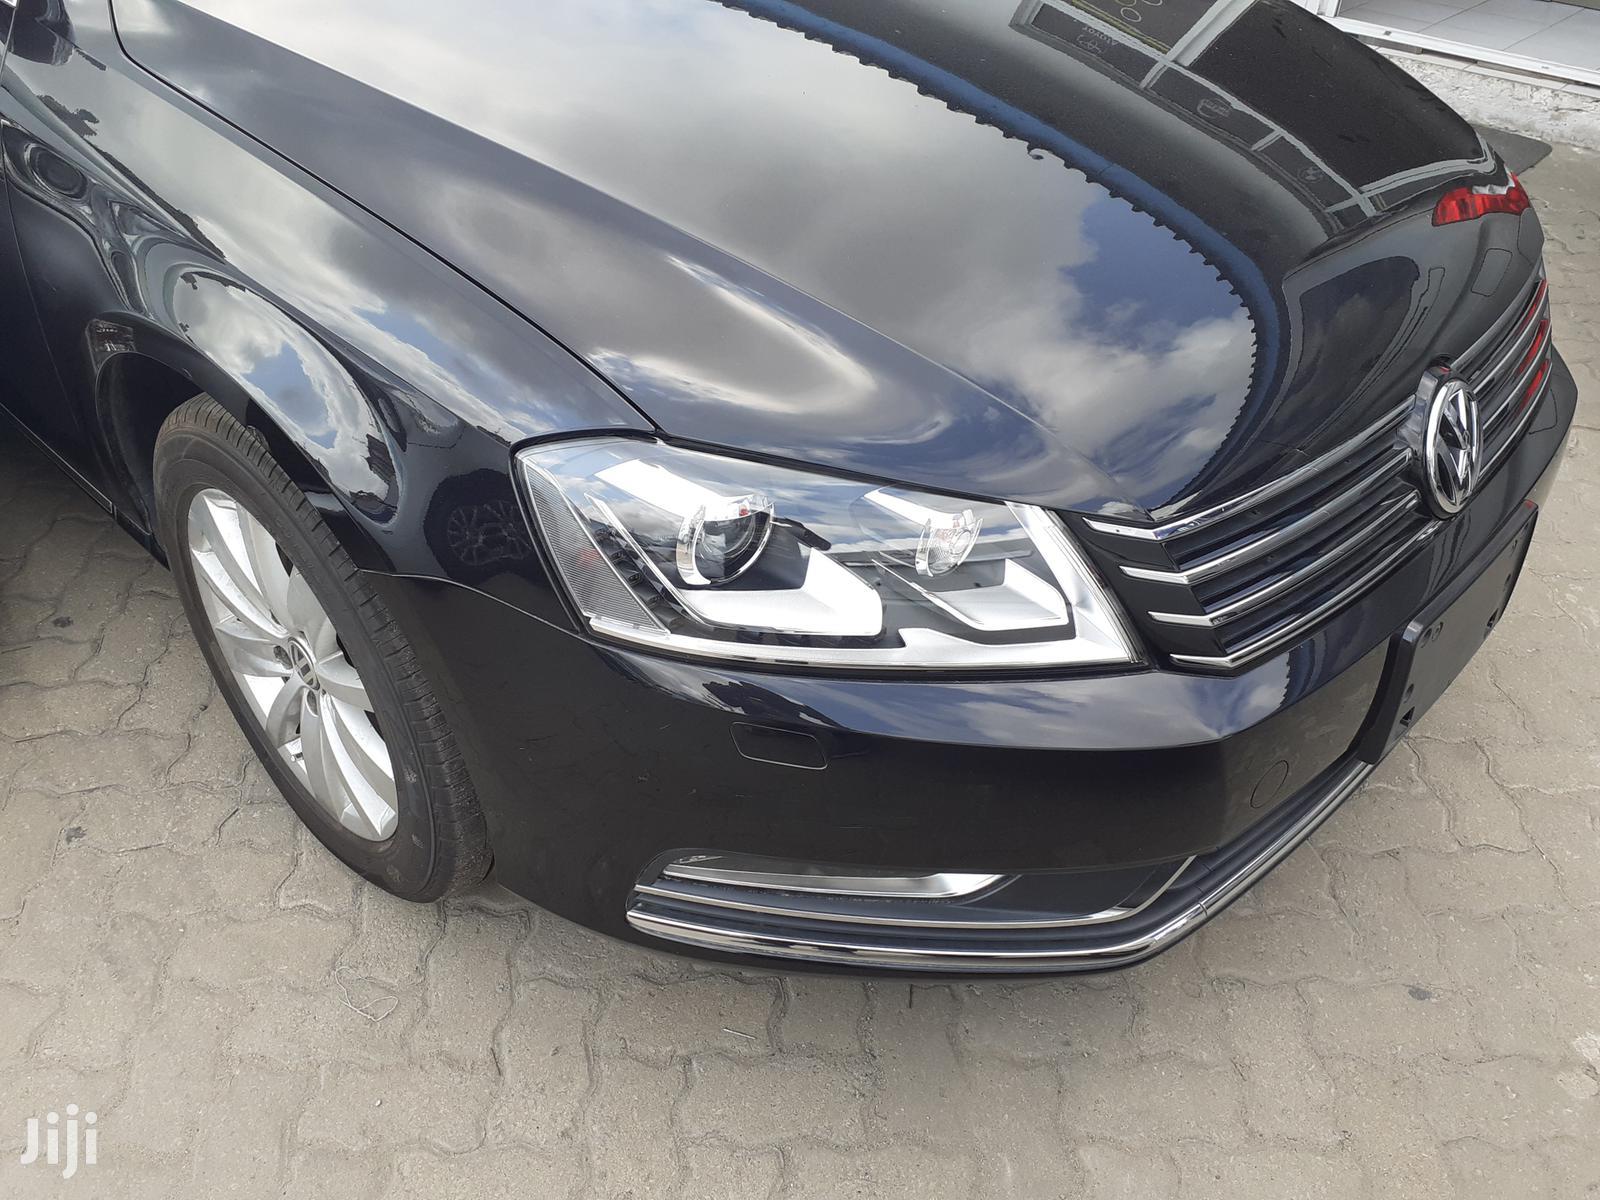 Volkswagen Passat 2012 Black In Mvita Cars Joseph Mwakio Jiji Co Ke For Sale In Mvita Buy Cars From Joseph Mwakio On Jiji Co Ke